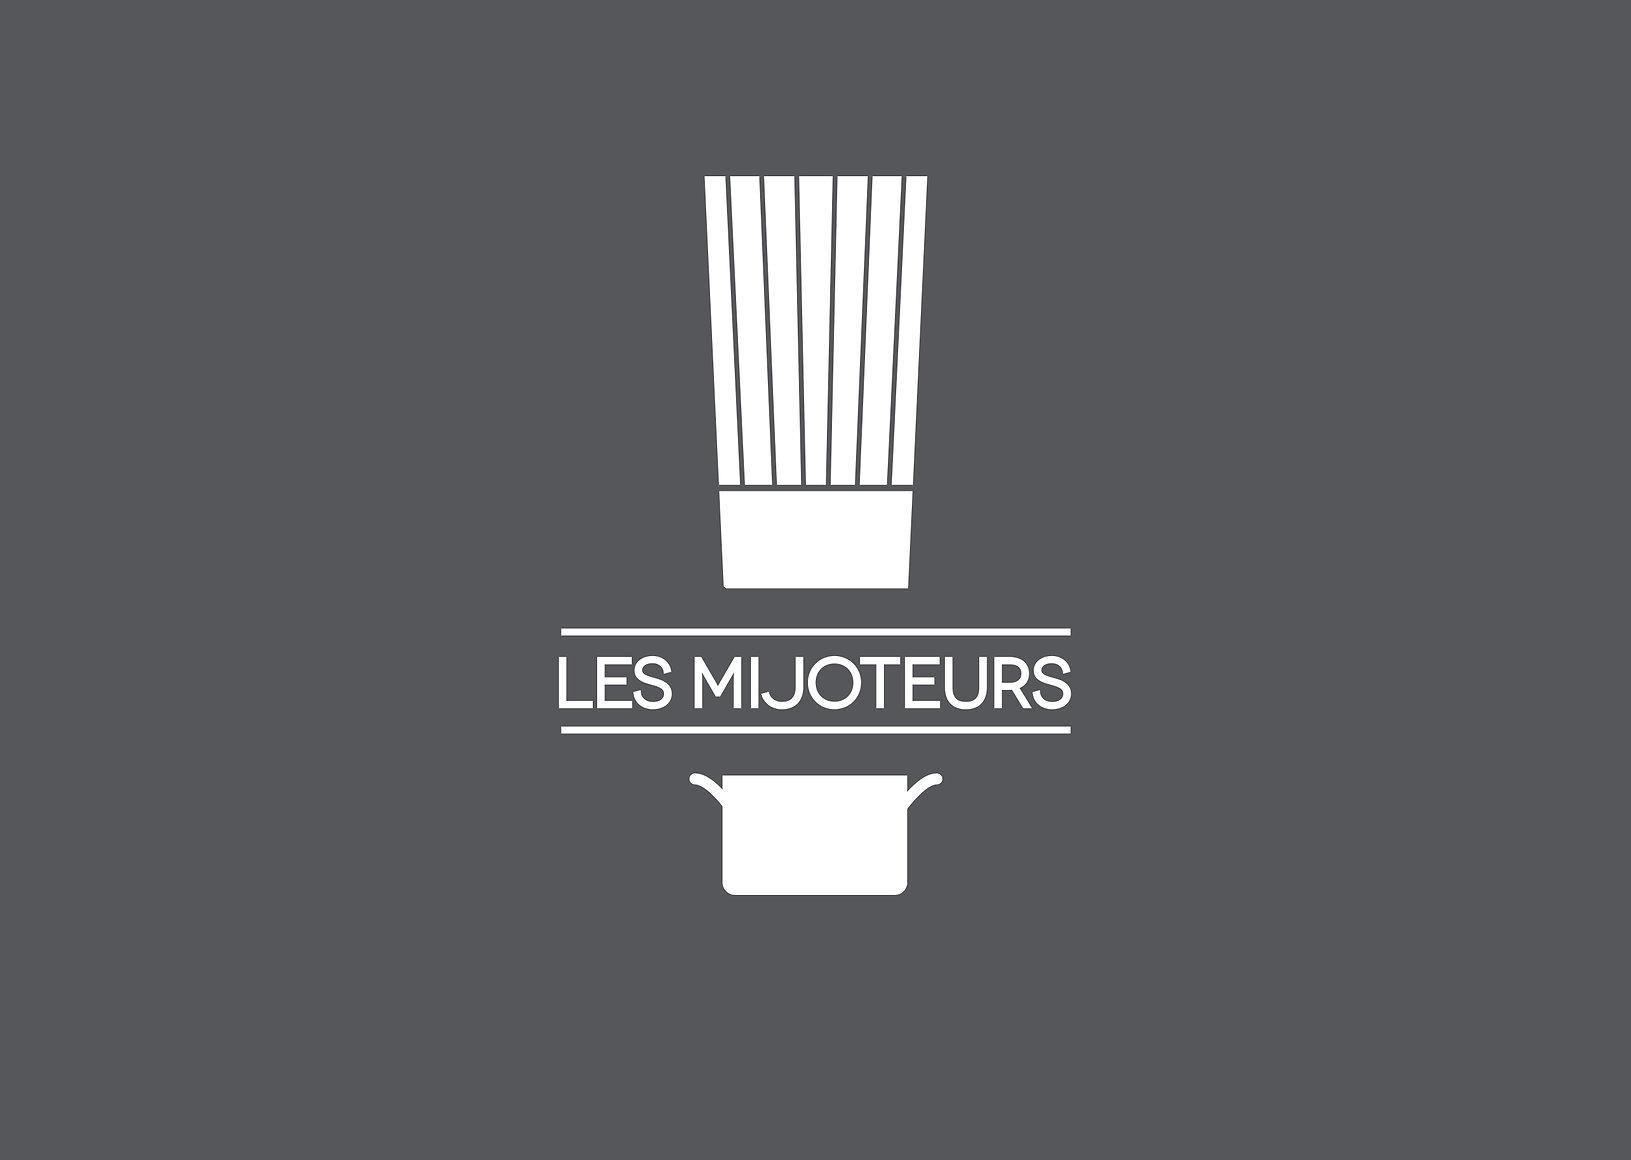 logo_lesmijoteurs.jpg